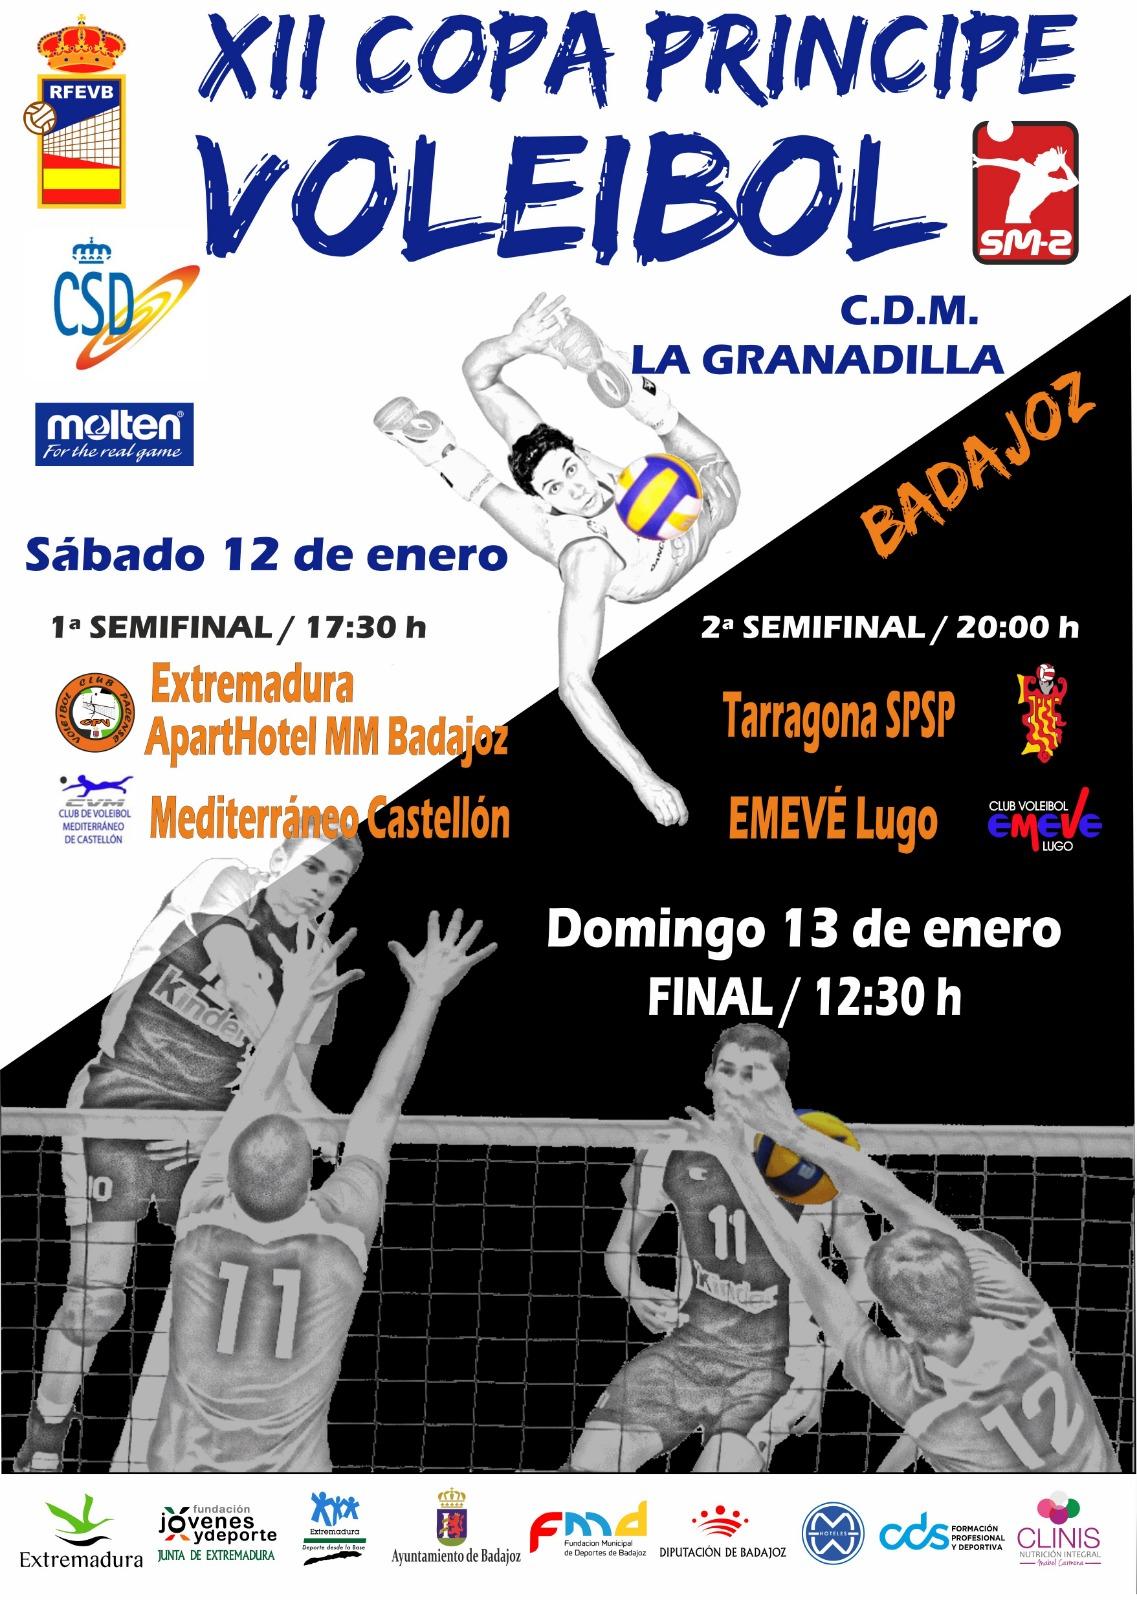 El Pabellón La Granadilla se prepara para un fin de semana histórico de voleibol en Badajoz